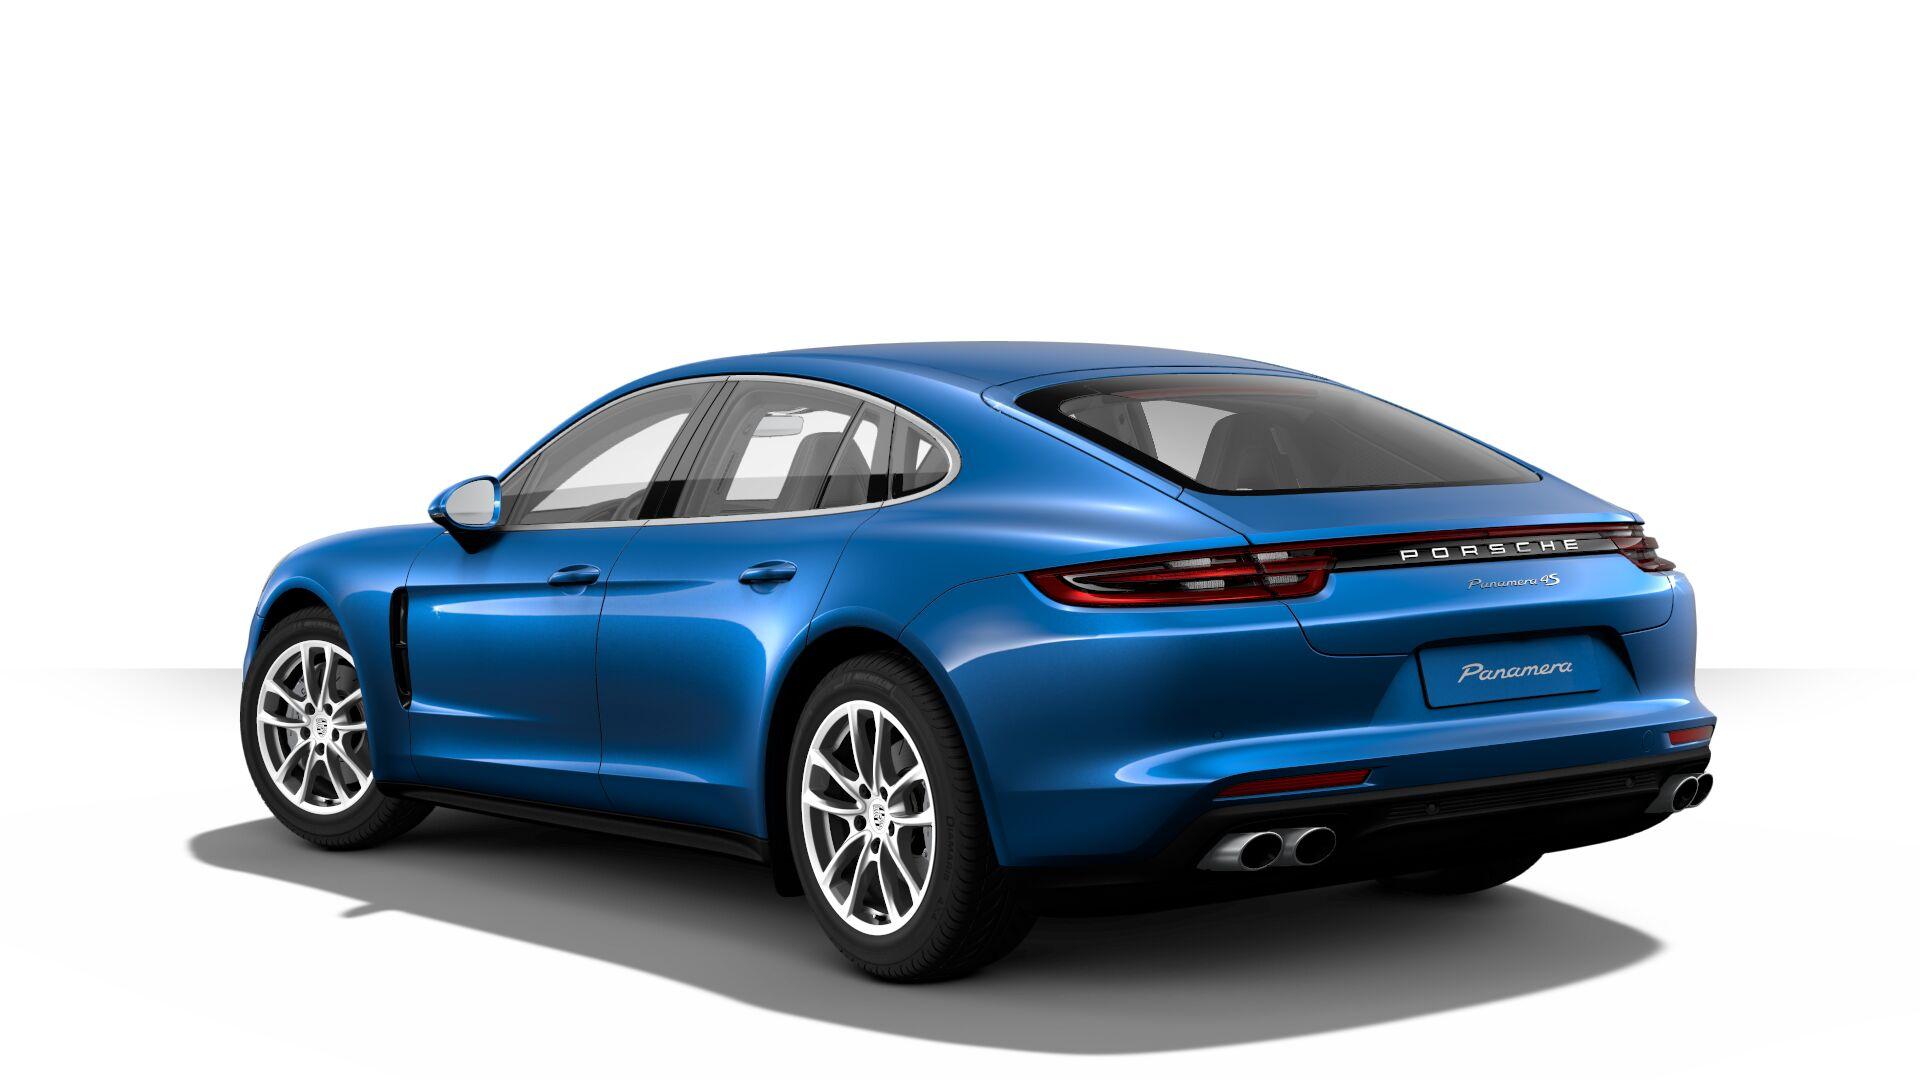 2017 Porsche Panamera Back View